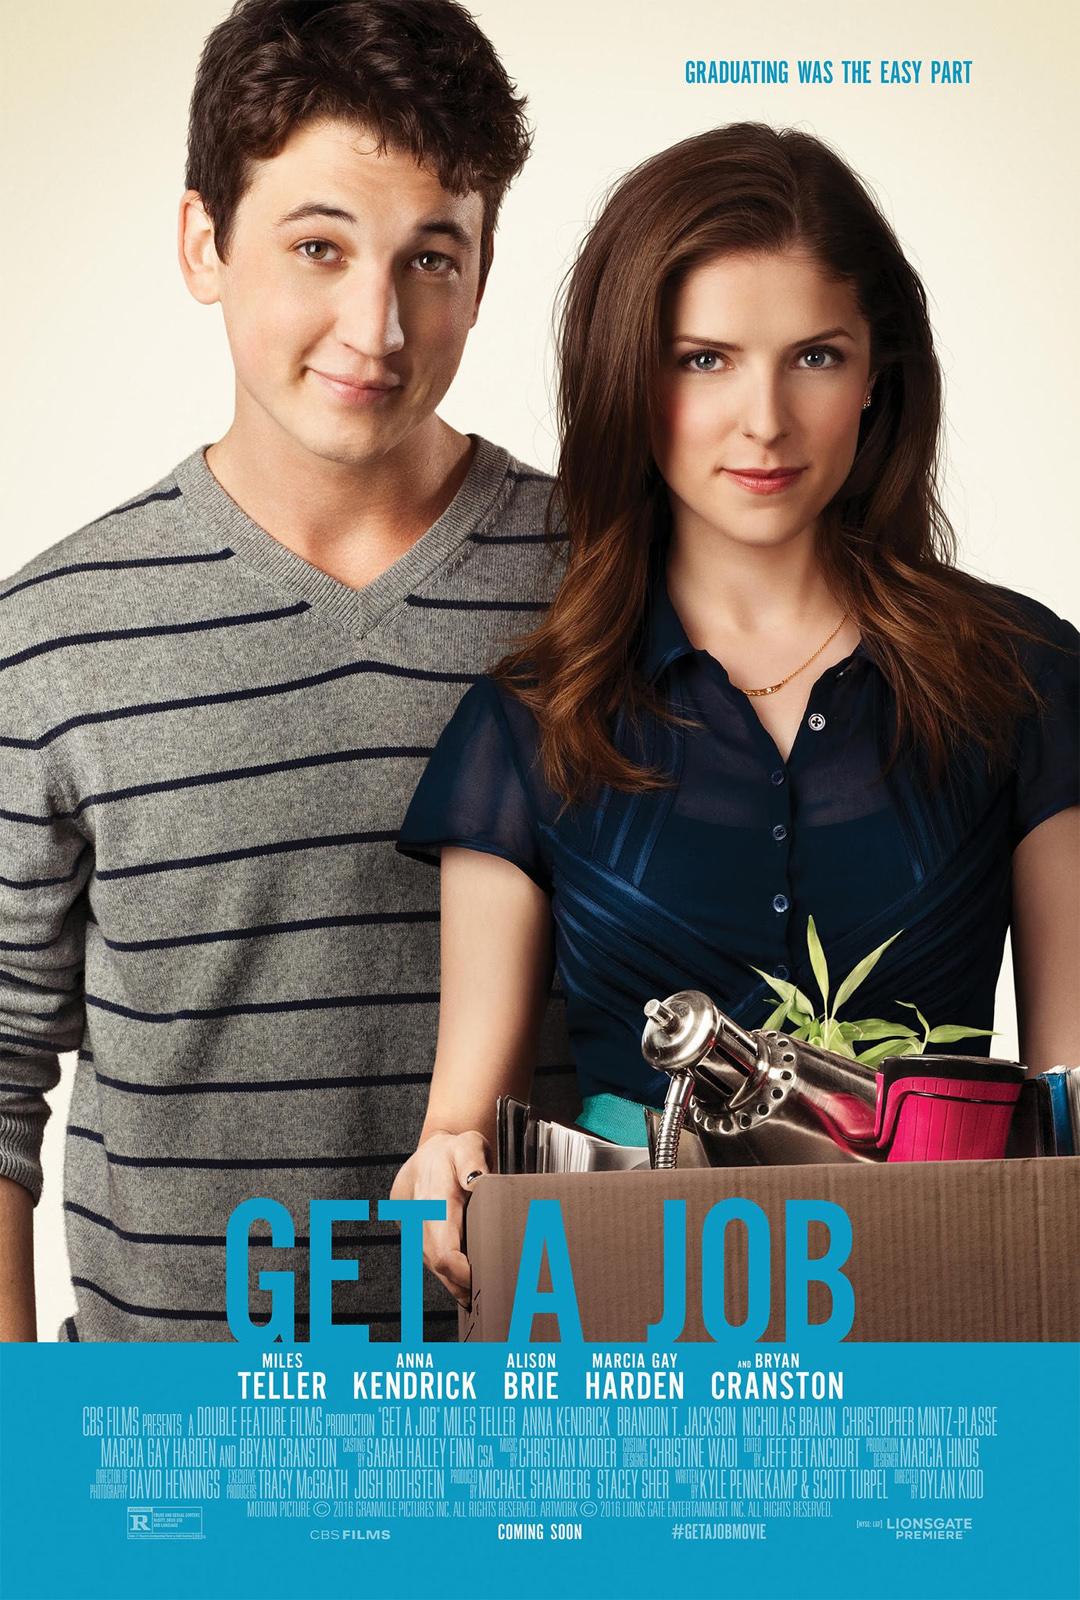 Get A Job ddl